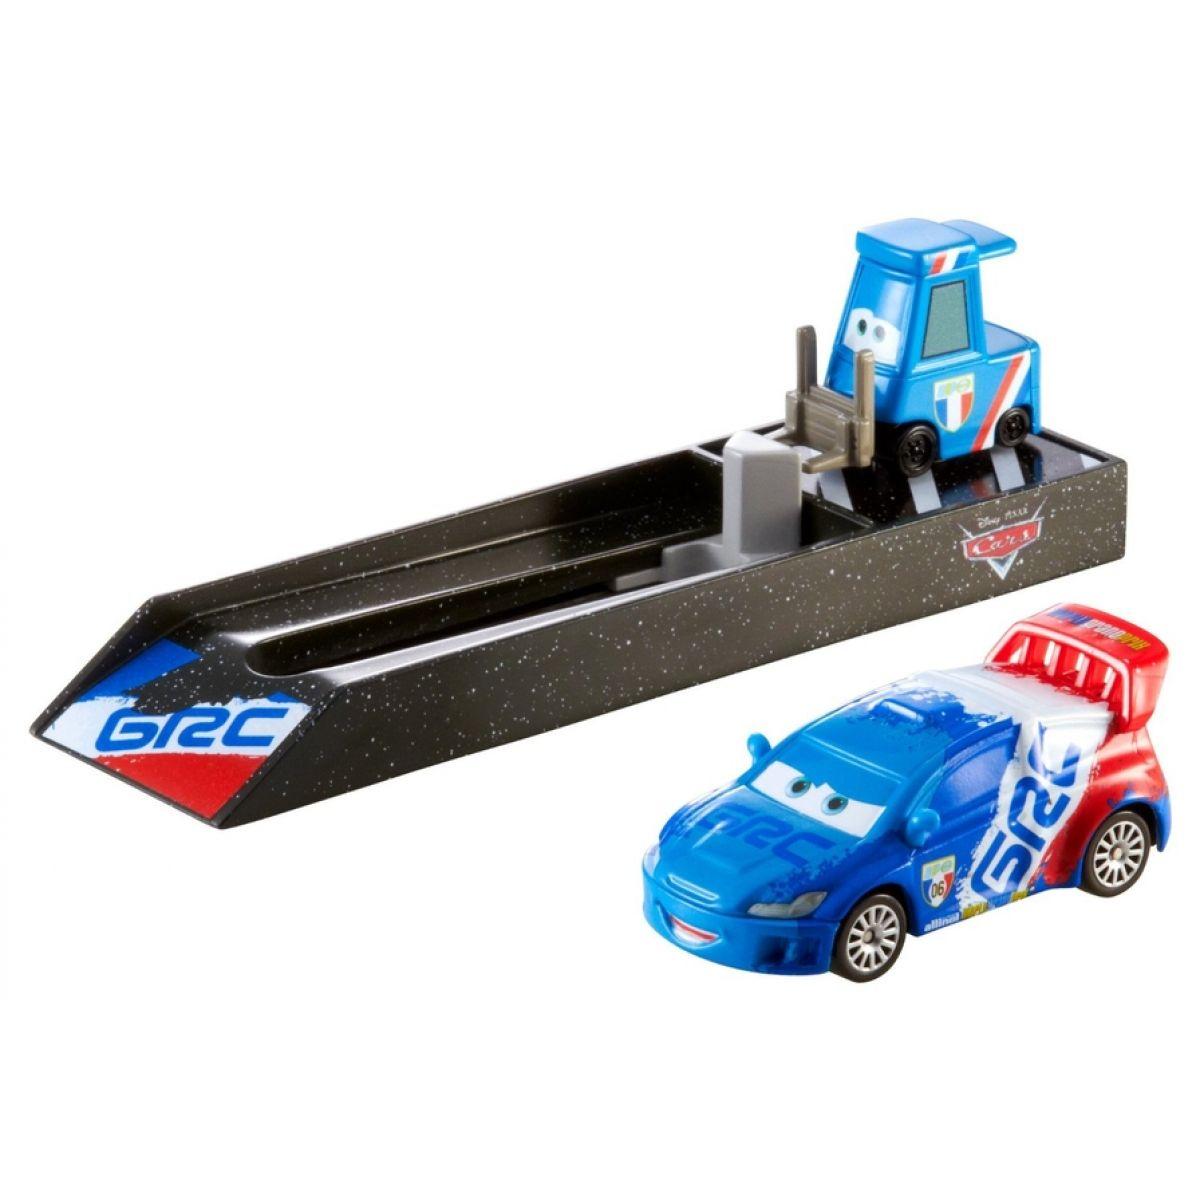 Mattel Cars Vystřelovač s autíčkem - Raoul Caroule